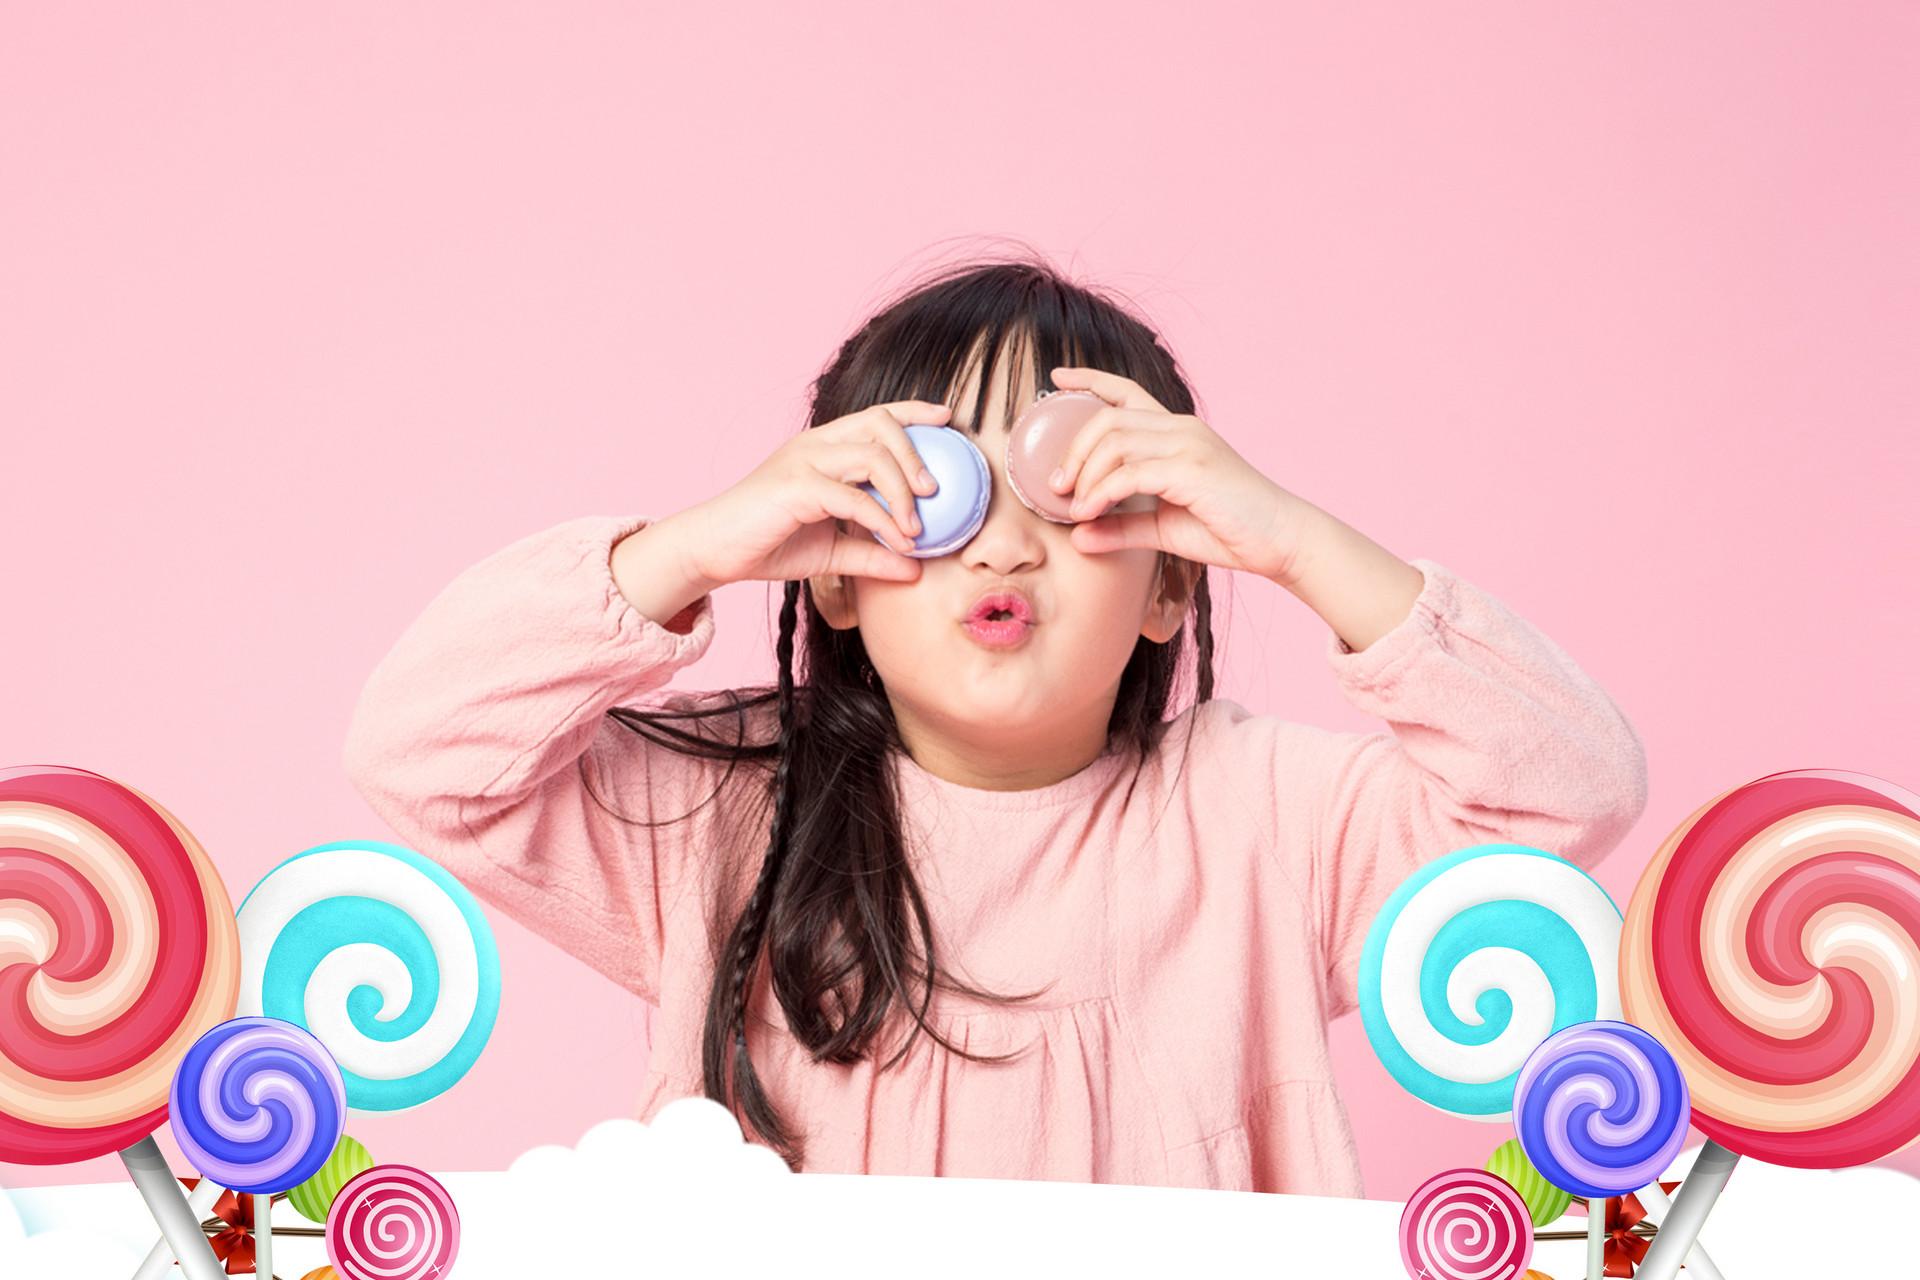 儿童年金保险是什么?购买儿童年金险的好处